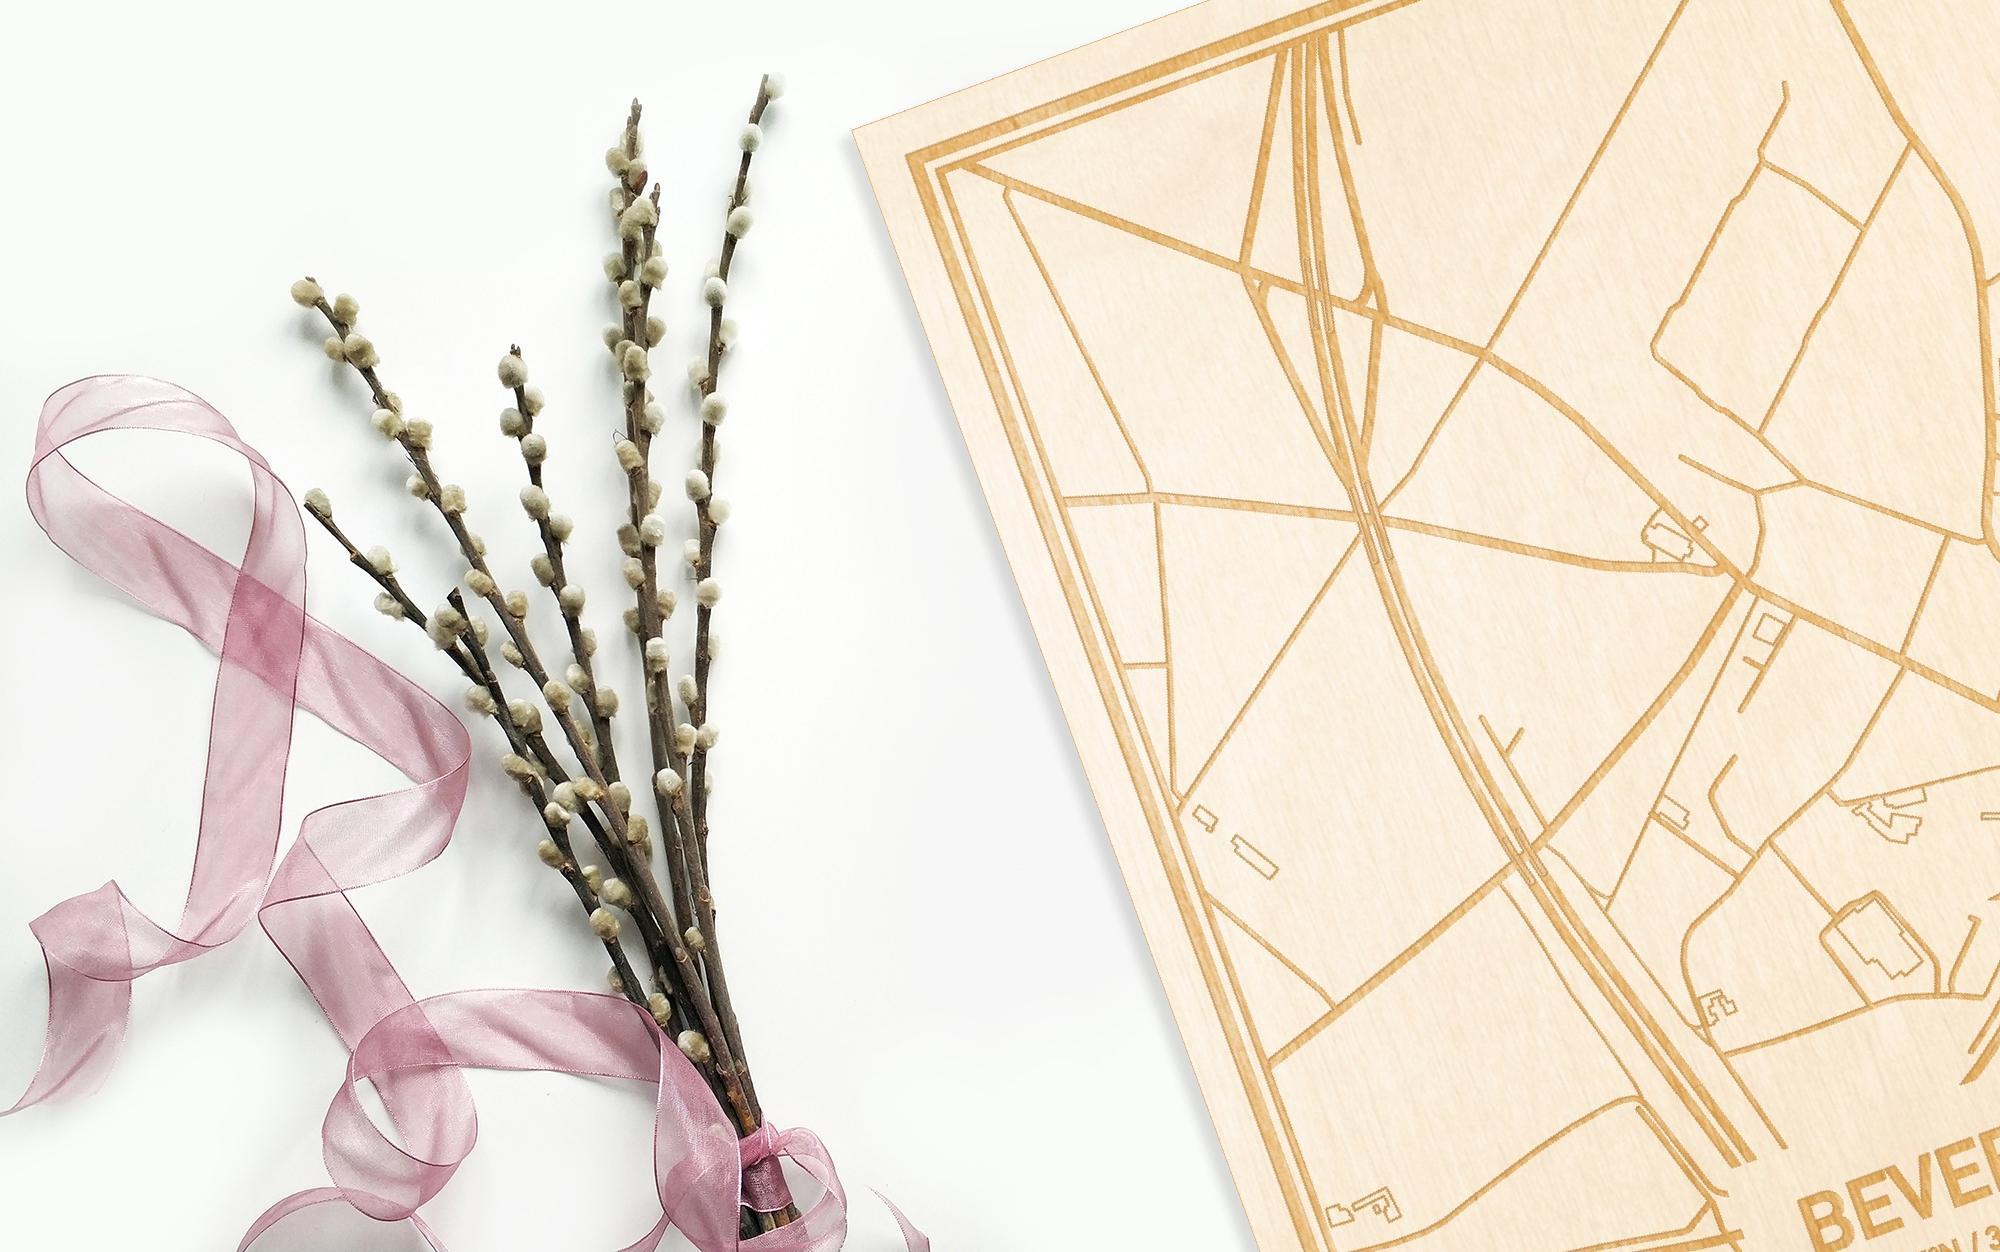 Hier ligt de houten plattegrond Bevere naast een bloemetje als gepersonaliseerd cadeau voor haar.